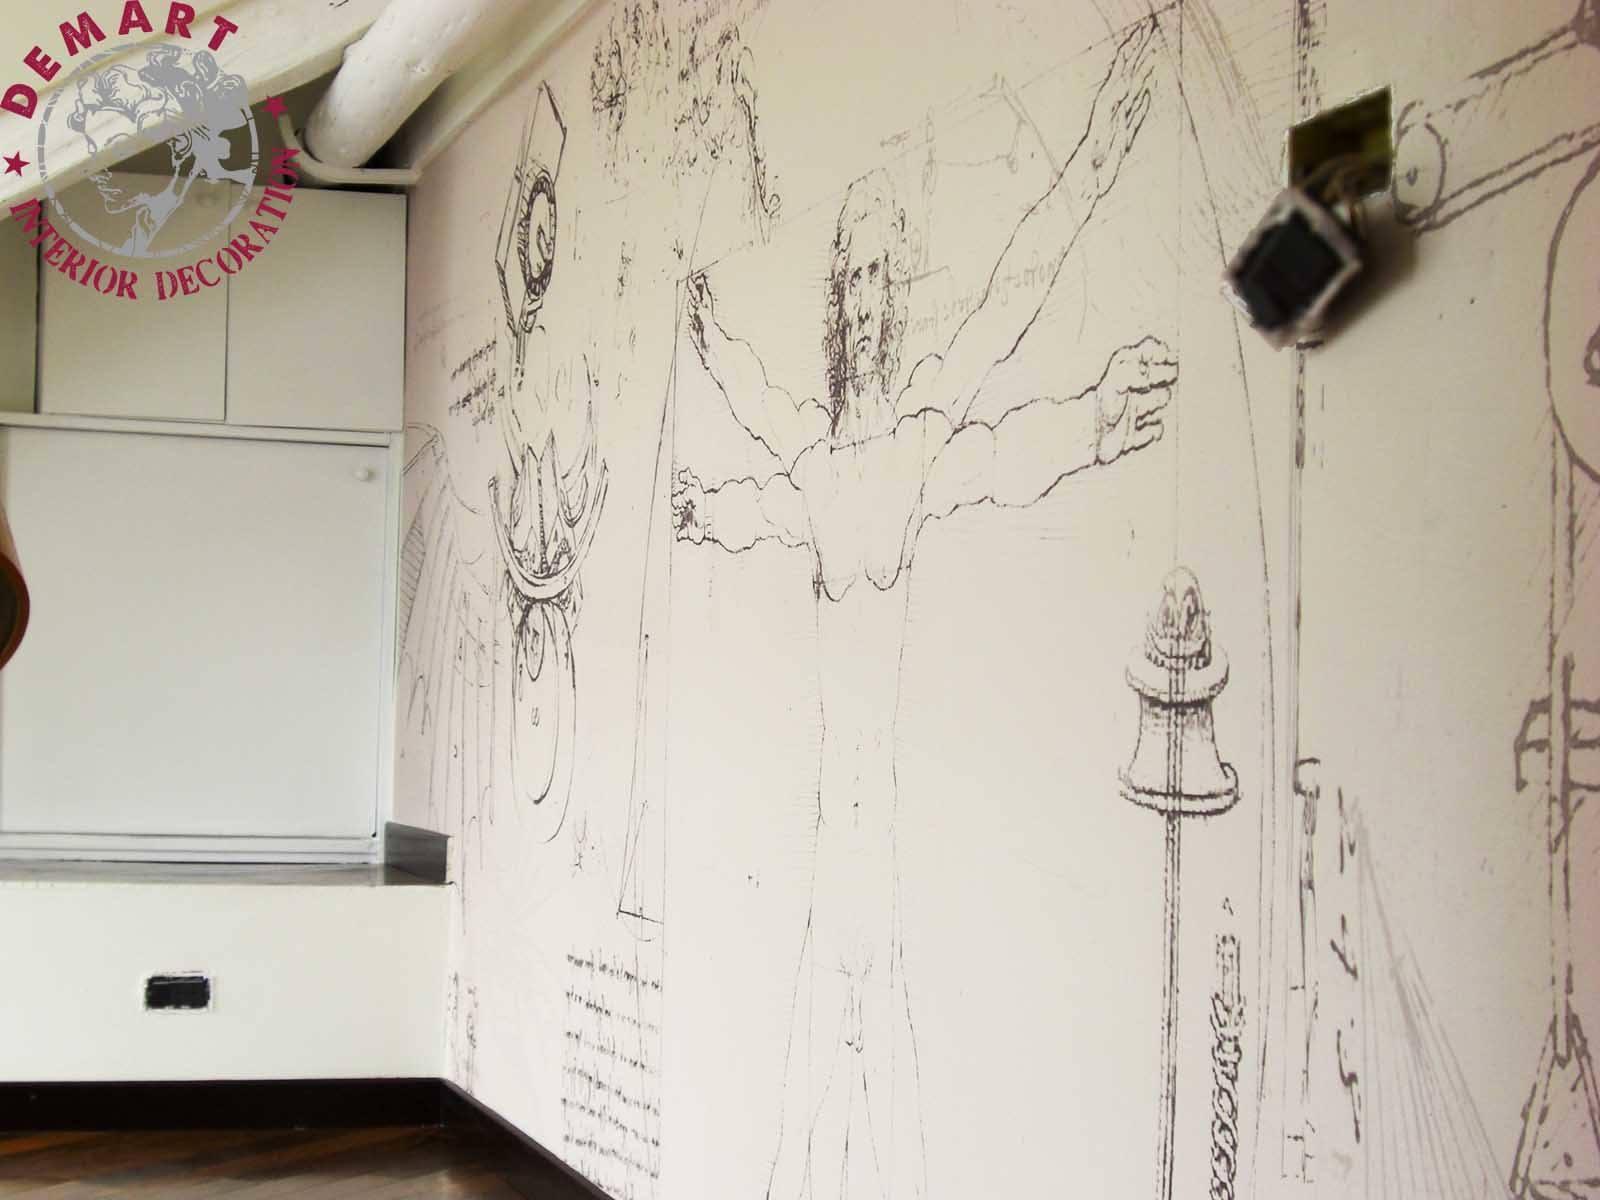 decorazione-parete-affresco-digitale-castrignano-cambio-casa-cambio-vita-06